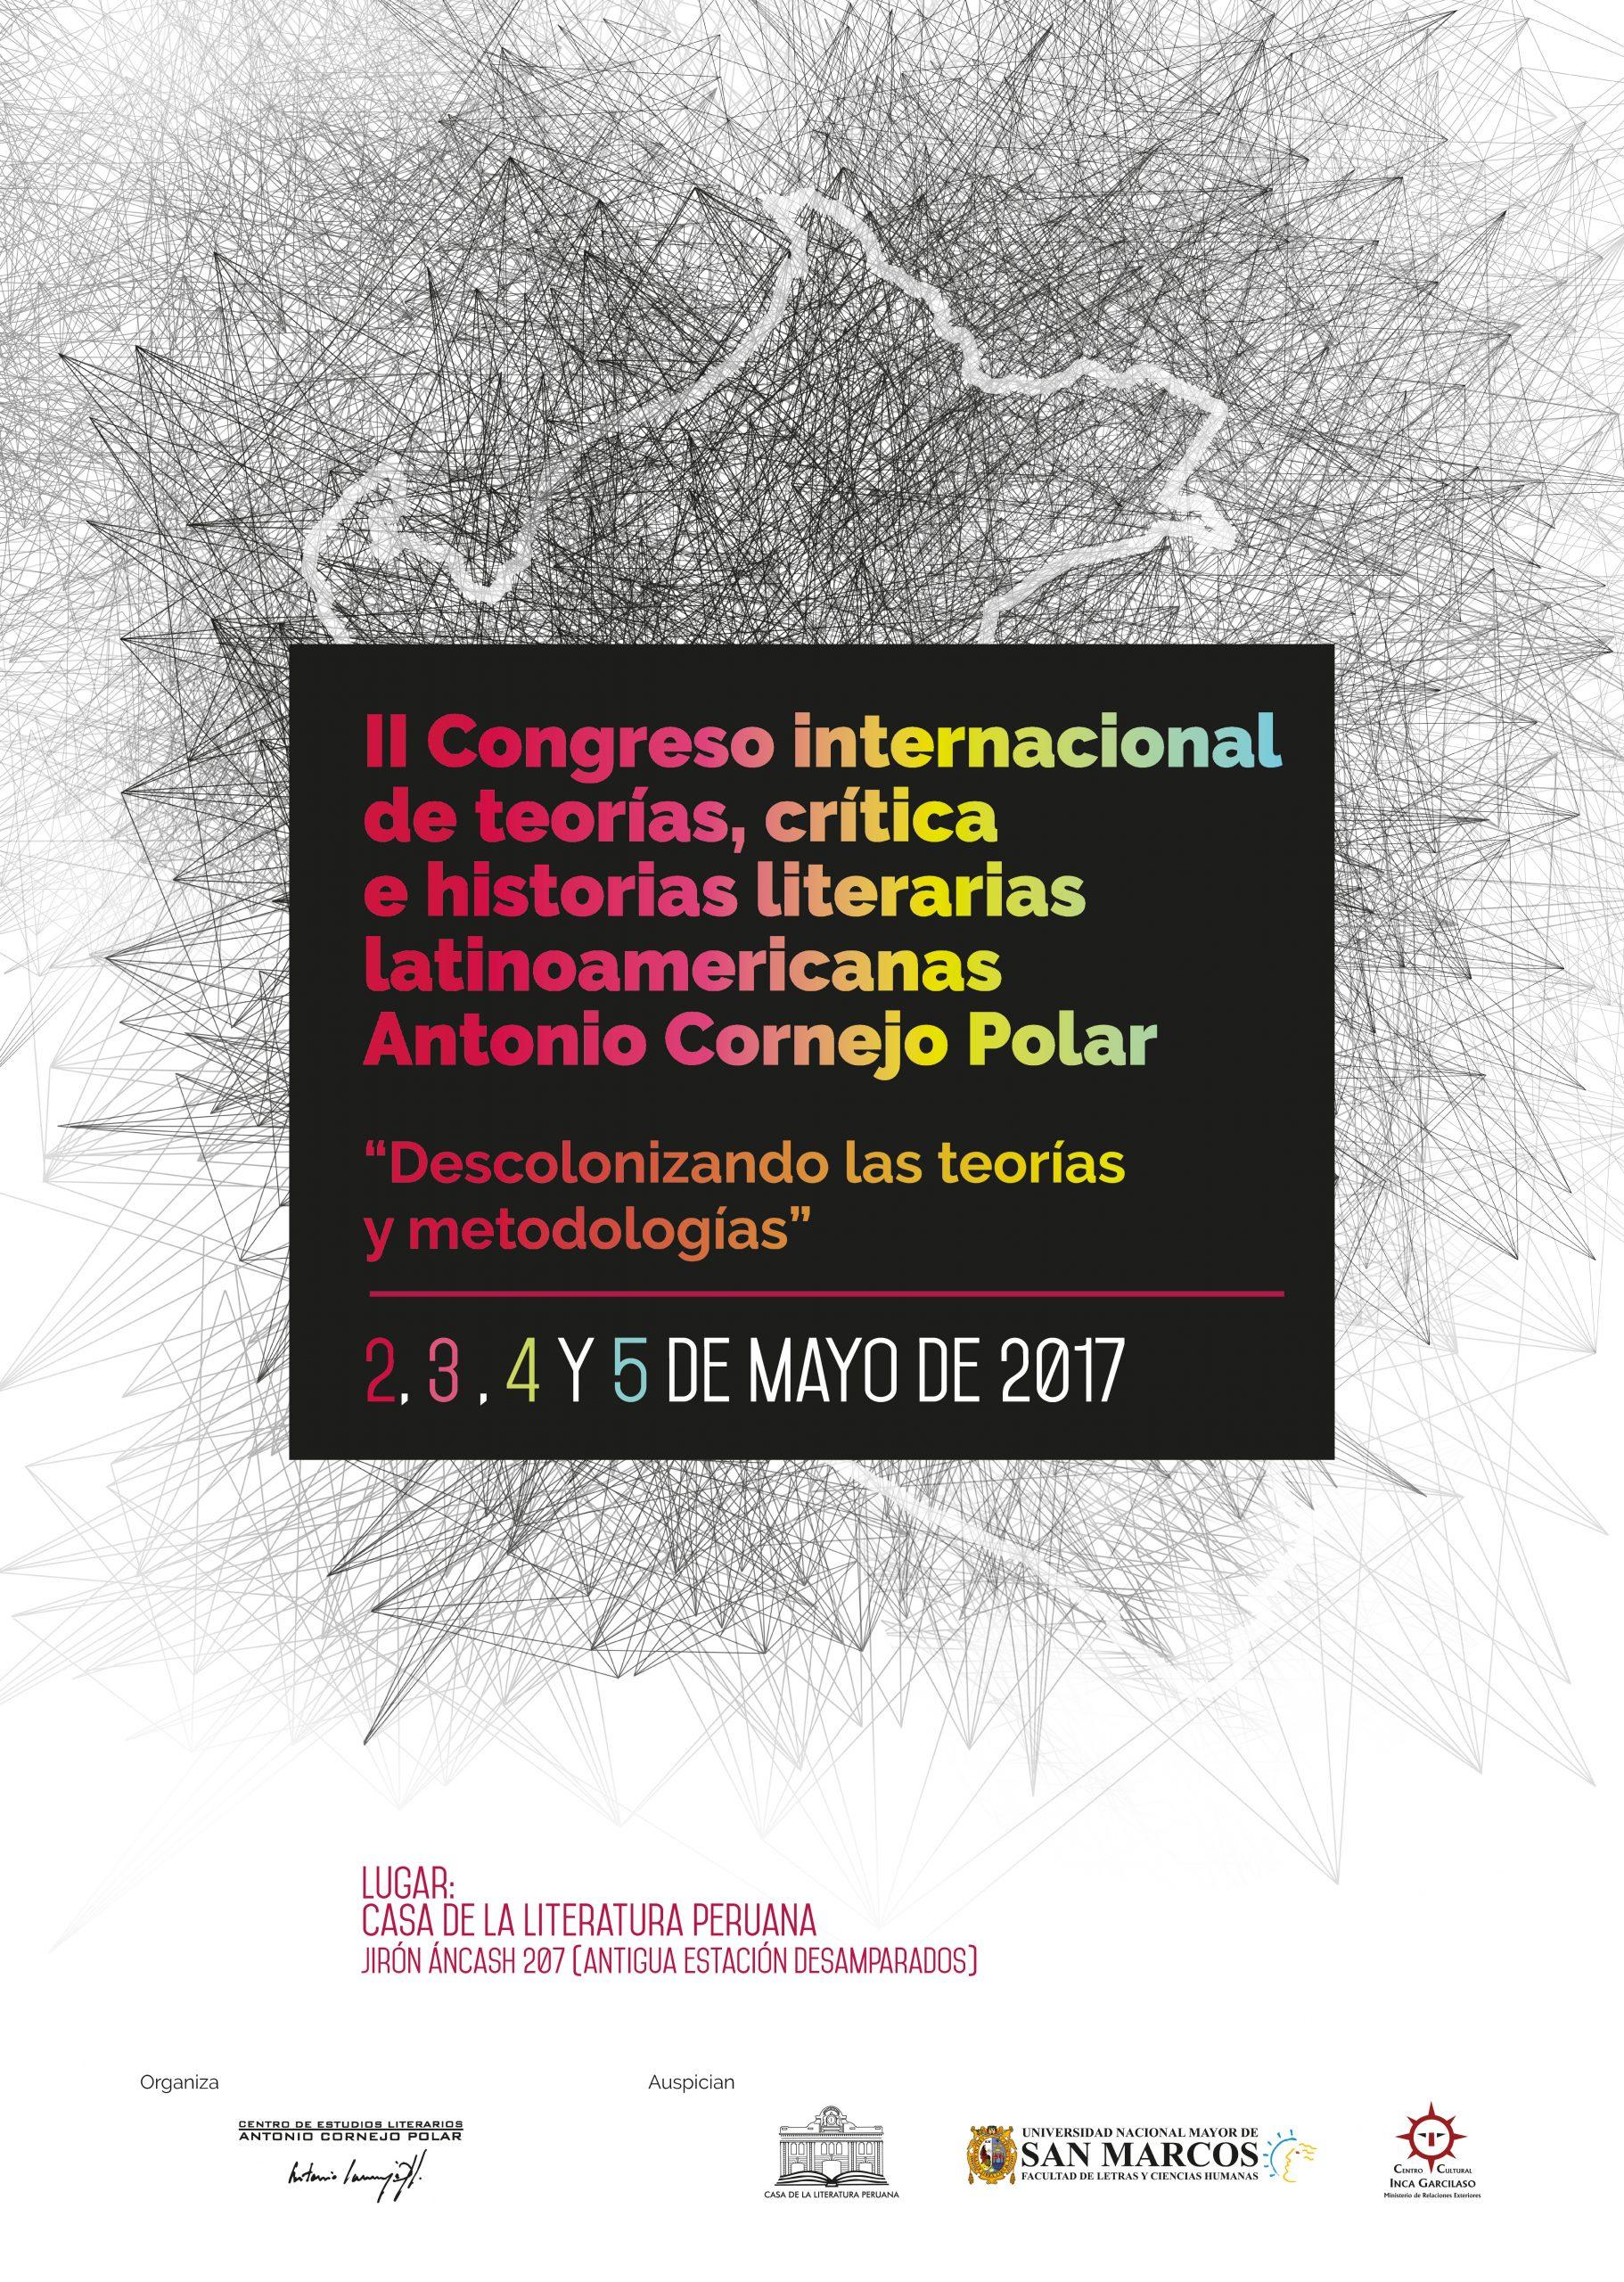 II Congreso Internacional de Teorías, Crítica e Historias Literarias Latinoamericanas